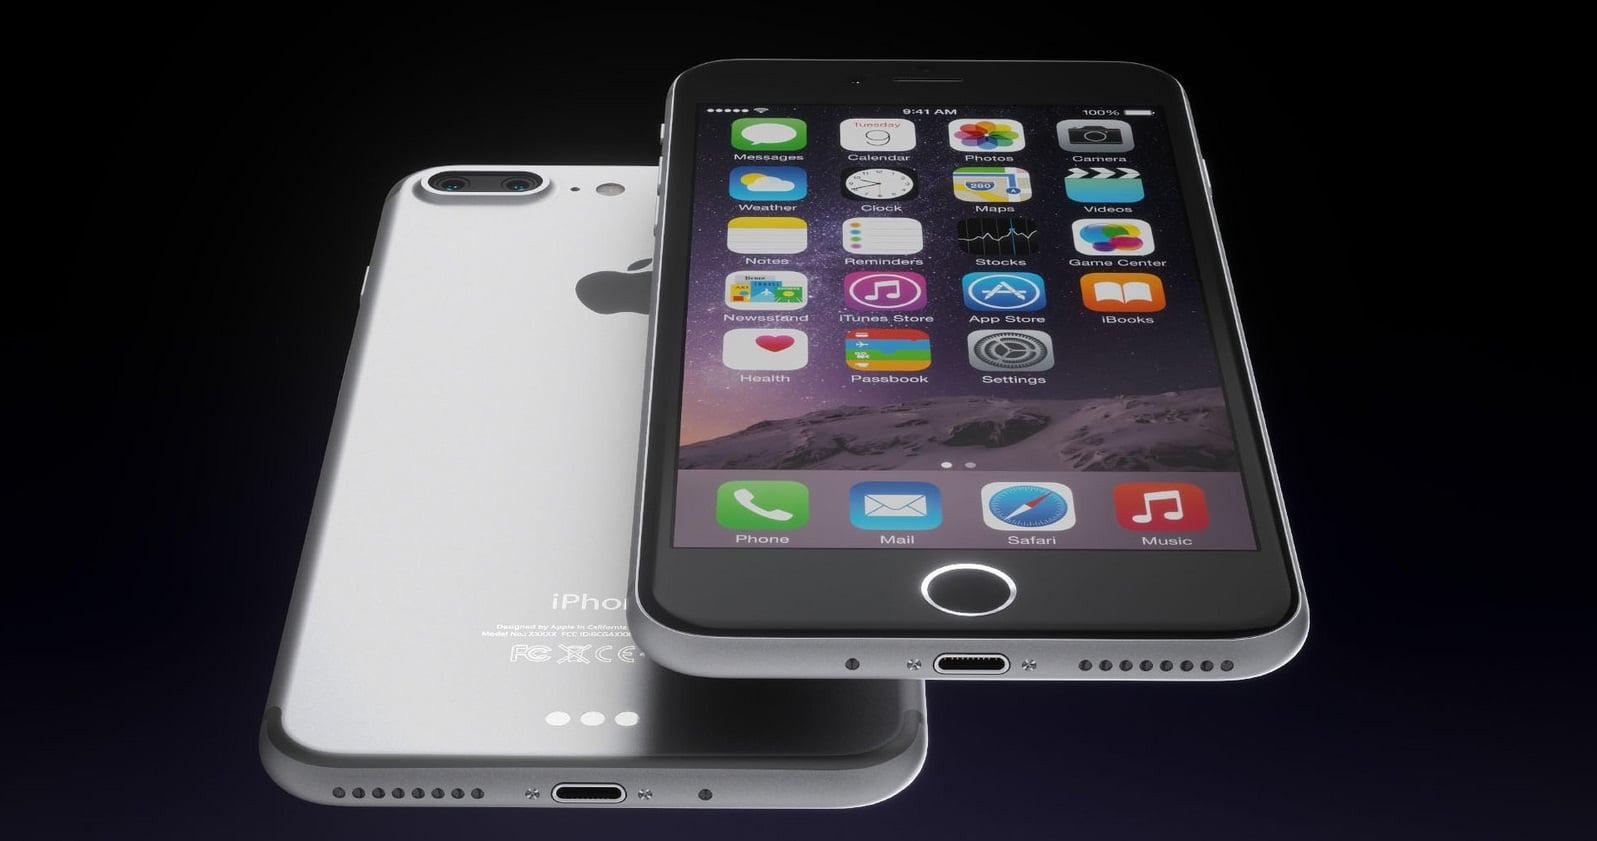 Tabletowo.pl A tak wyglądają słuchawki dla iPhone'a 7 Apple Ciekawostki Nowości Plotki / Przecieki Smartfony